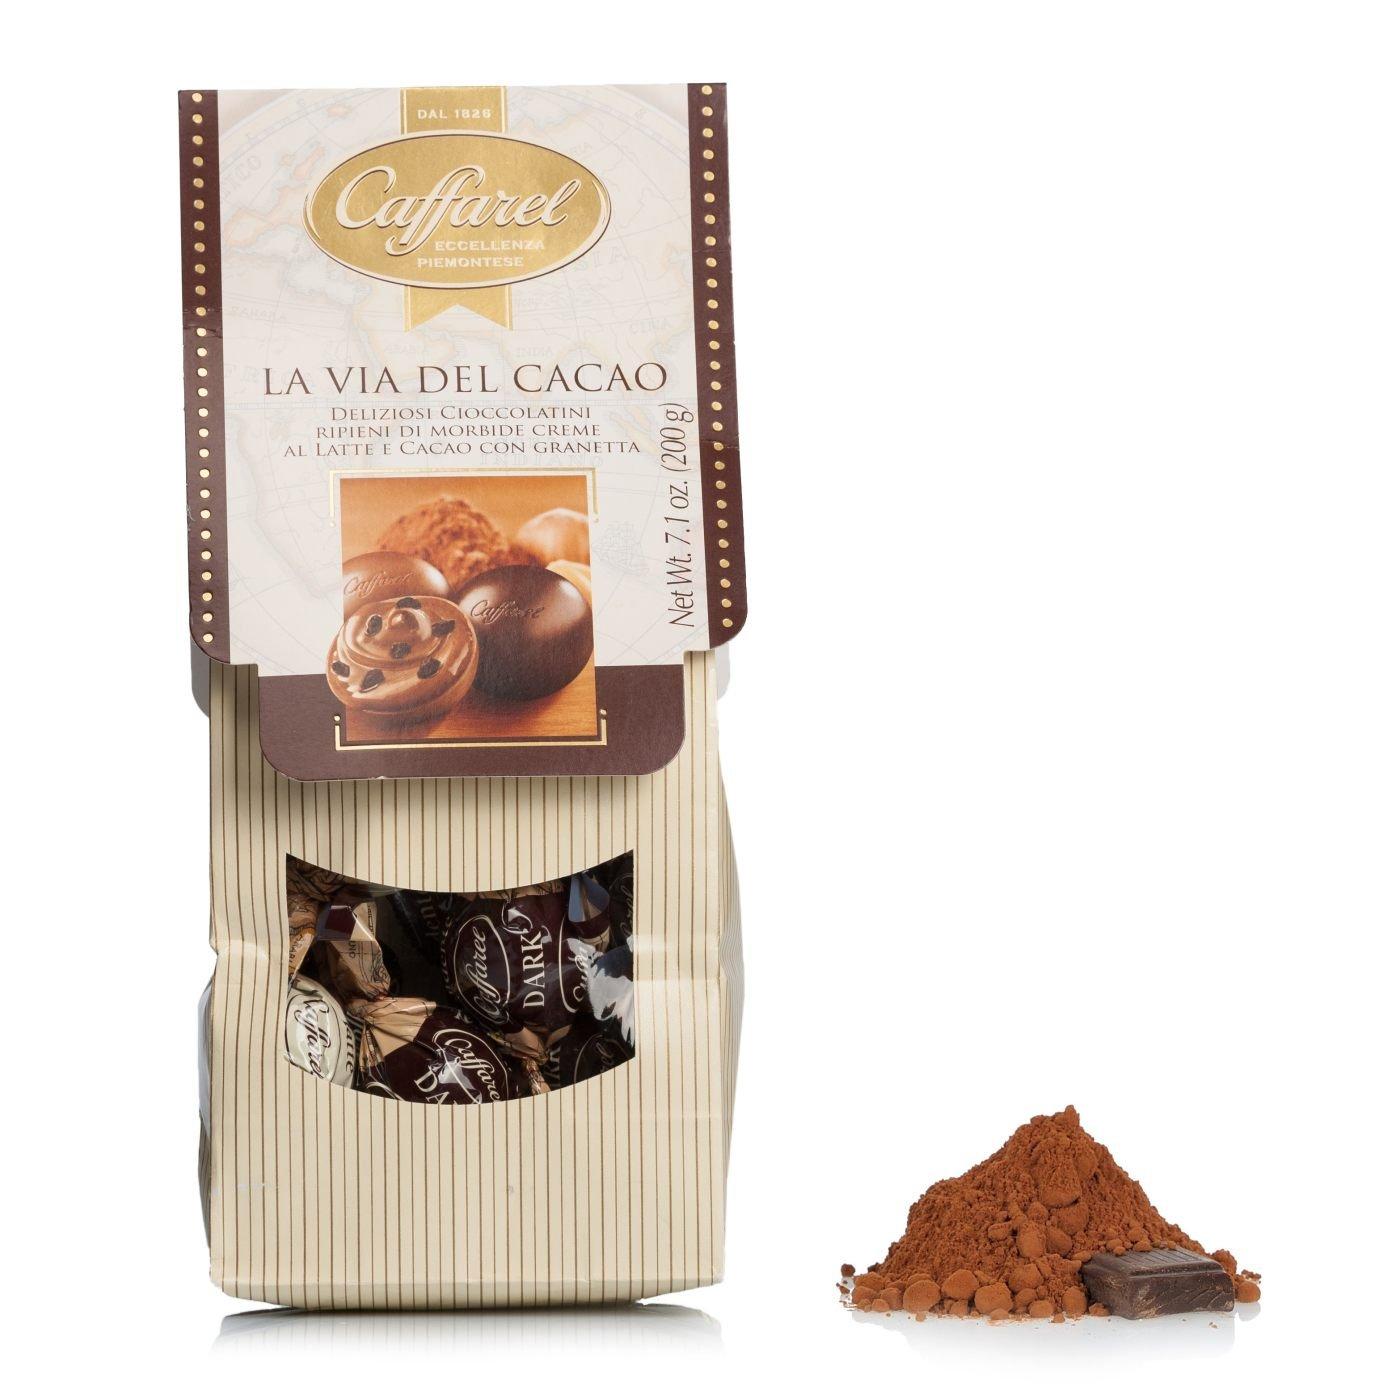 Sferette La Via Del Cacao – Caffarel | Eataly